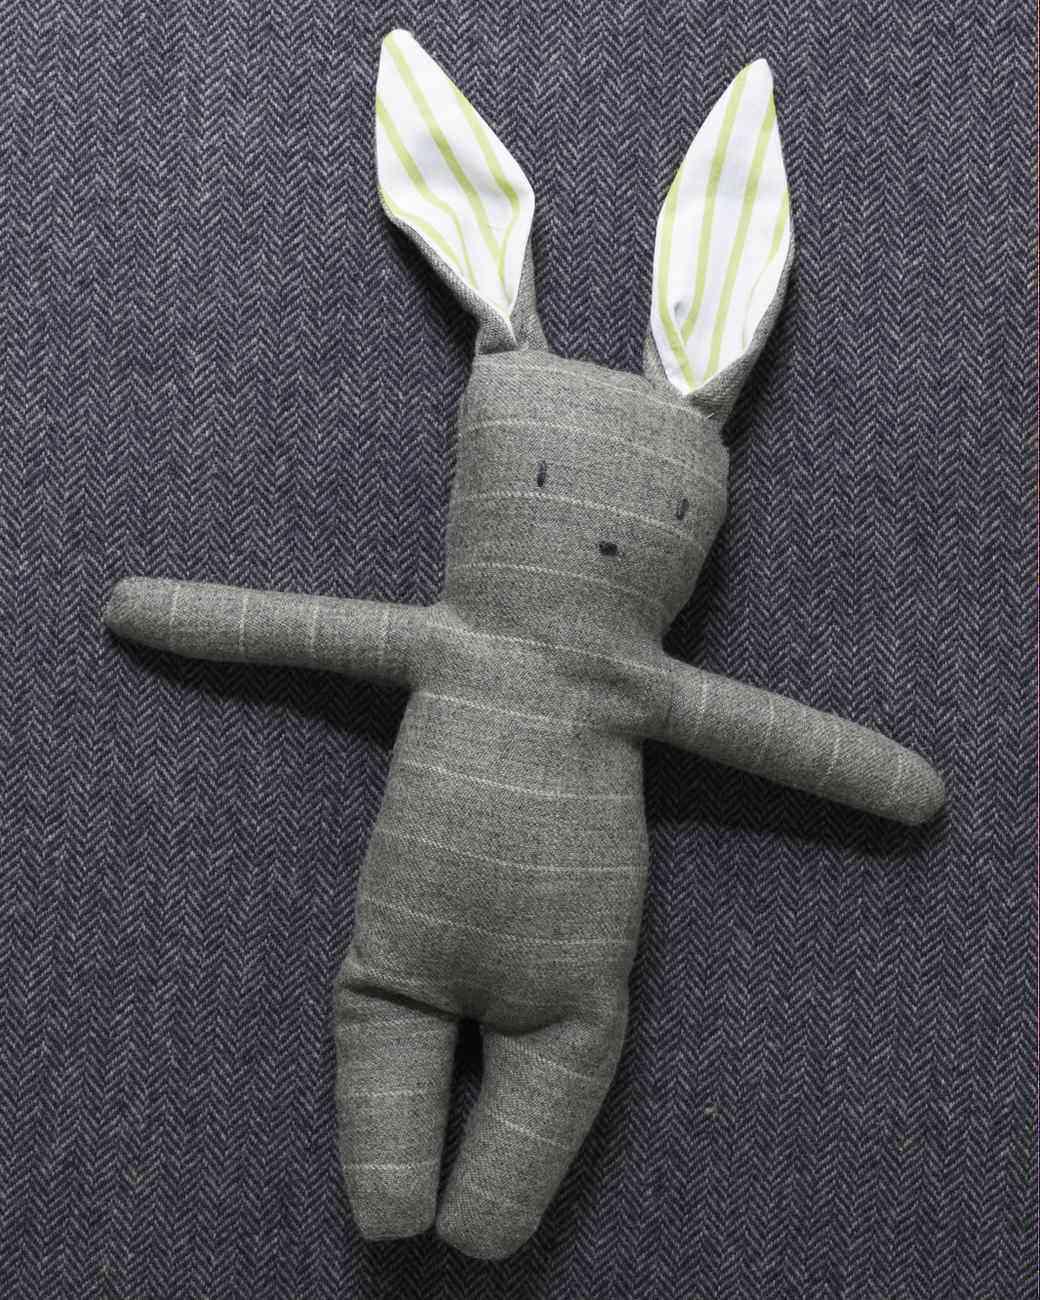 Stuffed Bunny Pattern : stuffed, bunny, pattern, Stuffed, Menswear, Bunny, Martha, Stewart